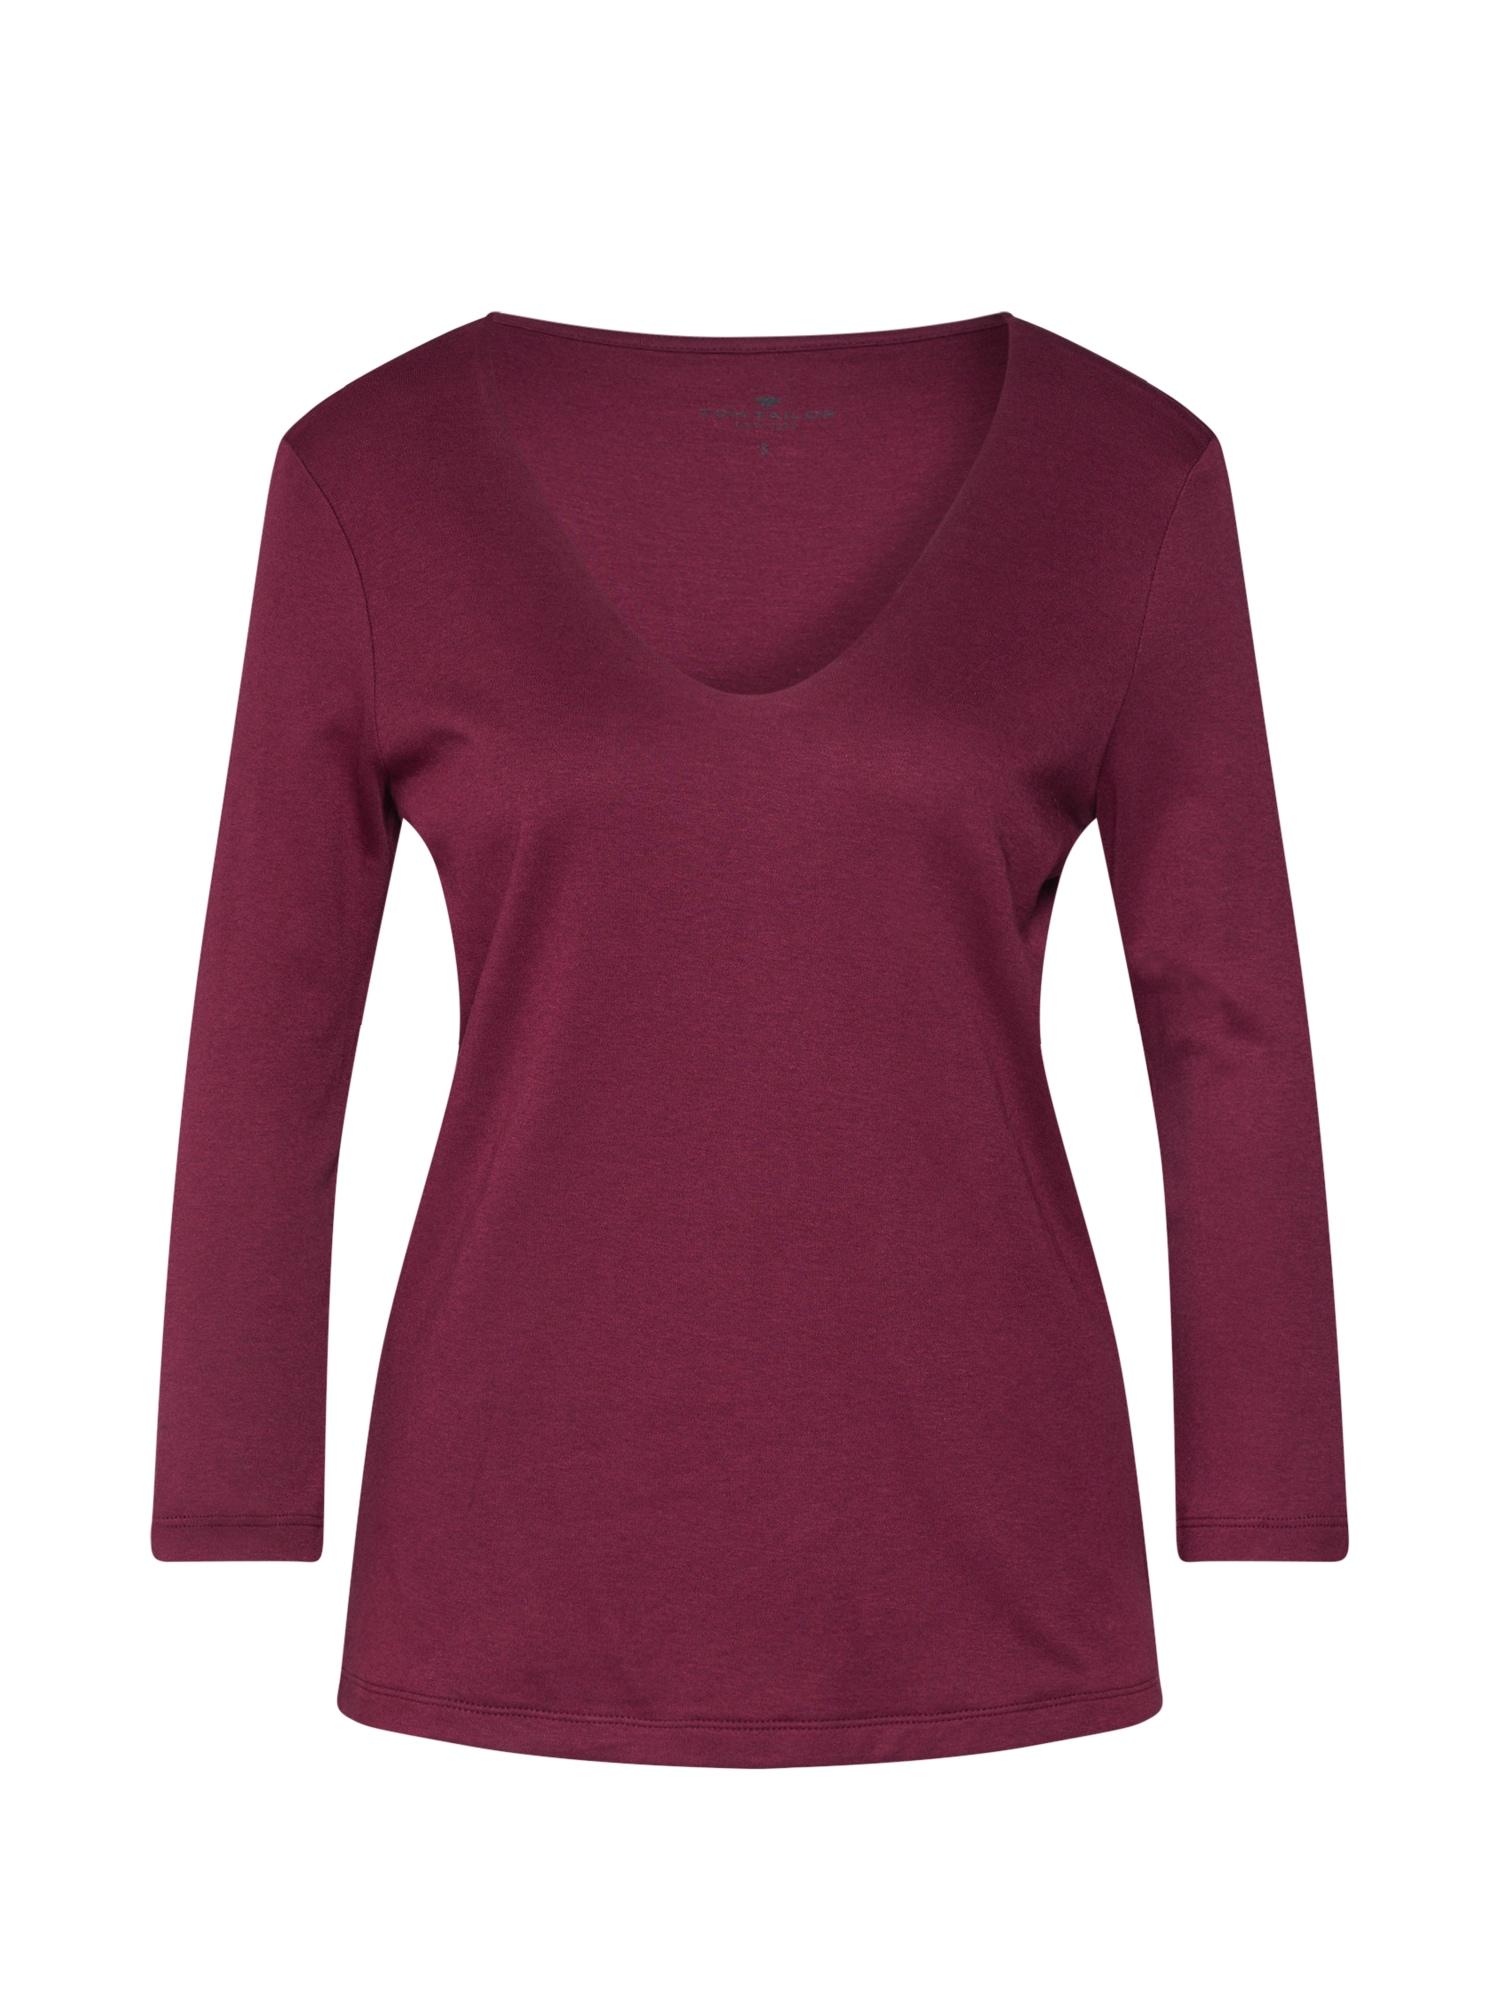 Langarmshirt | Bekleidung > Shirts > Langarmshirts | TOM TAILOR